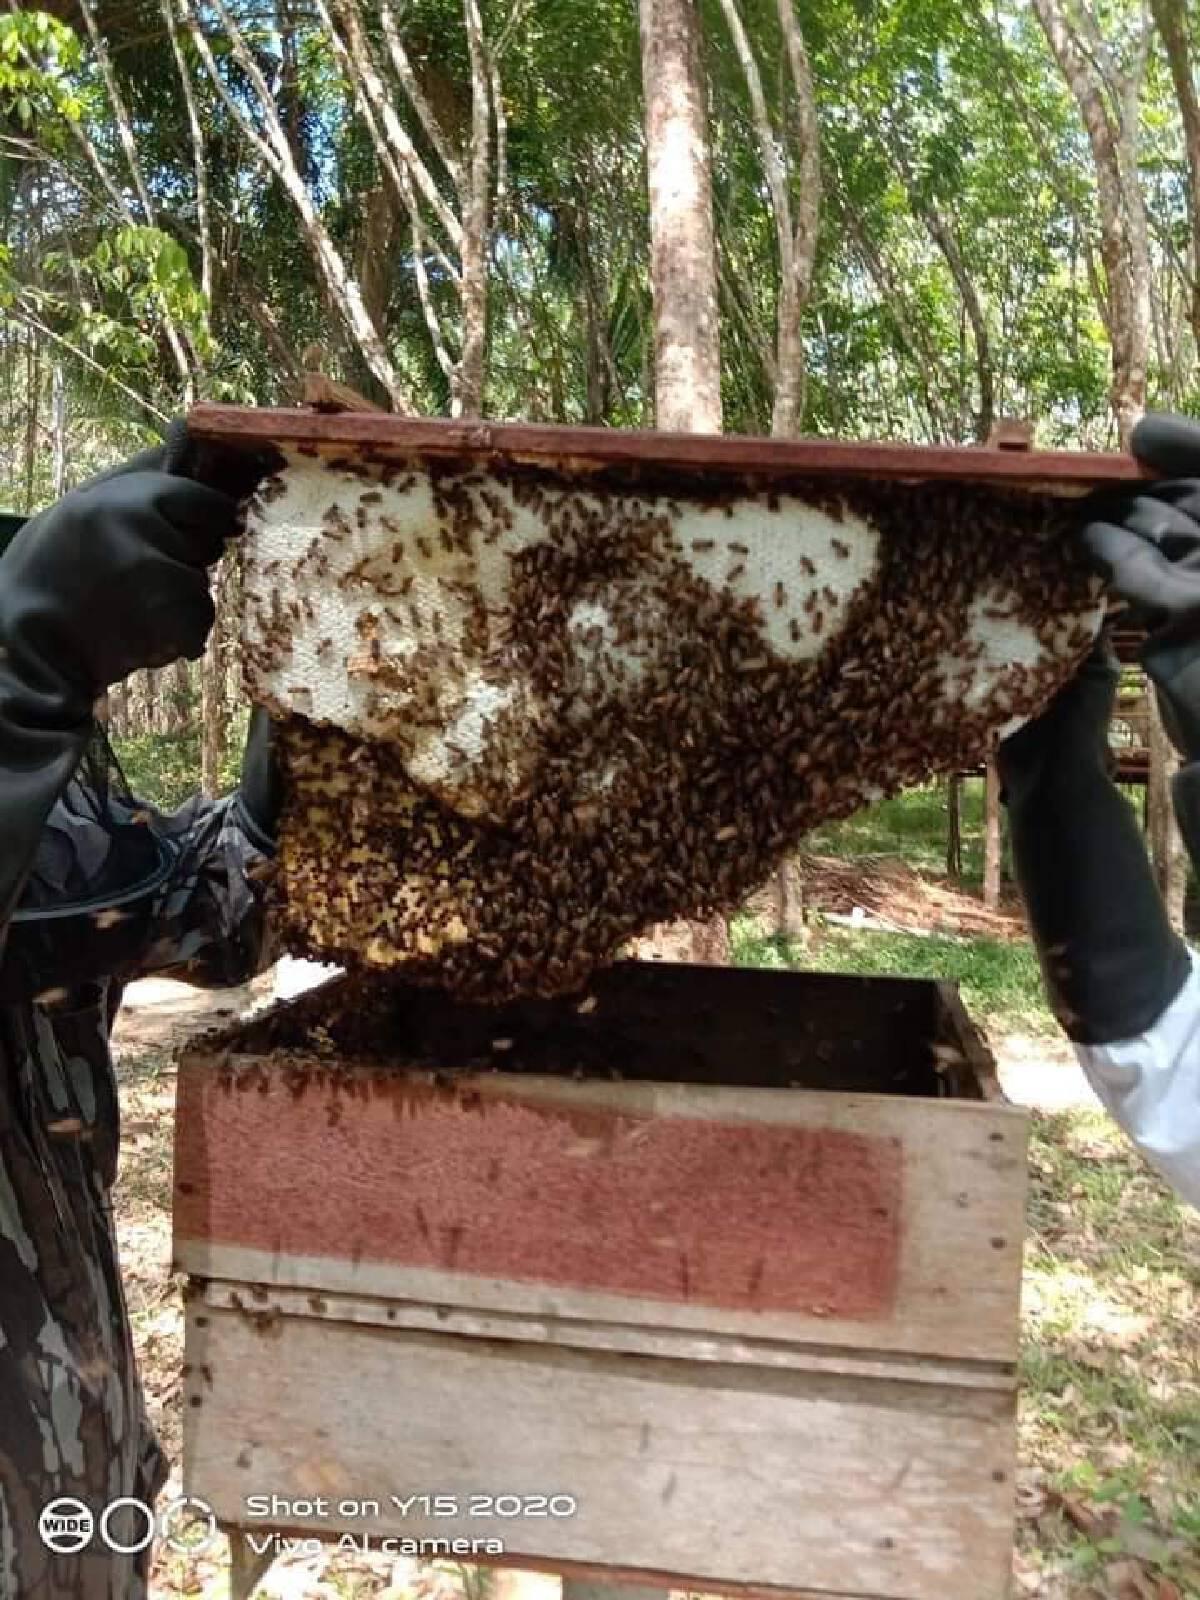 """ทำความรู้จัก """"น้ำผึ้งเดือนห้า"""" จากป่าชายเลน บ้านไหนหนัง จังหวัดกระบี่"""